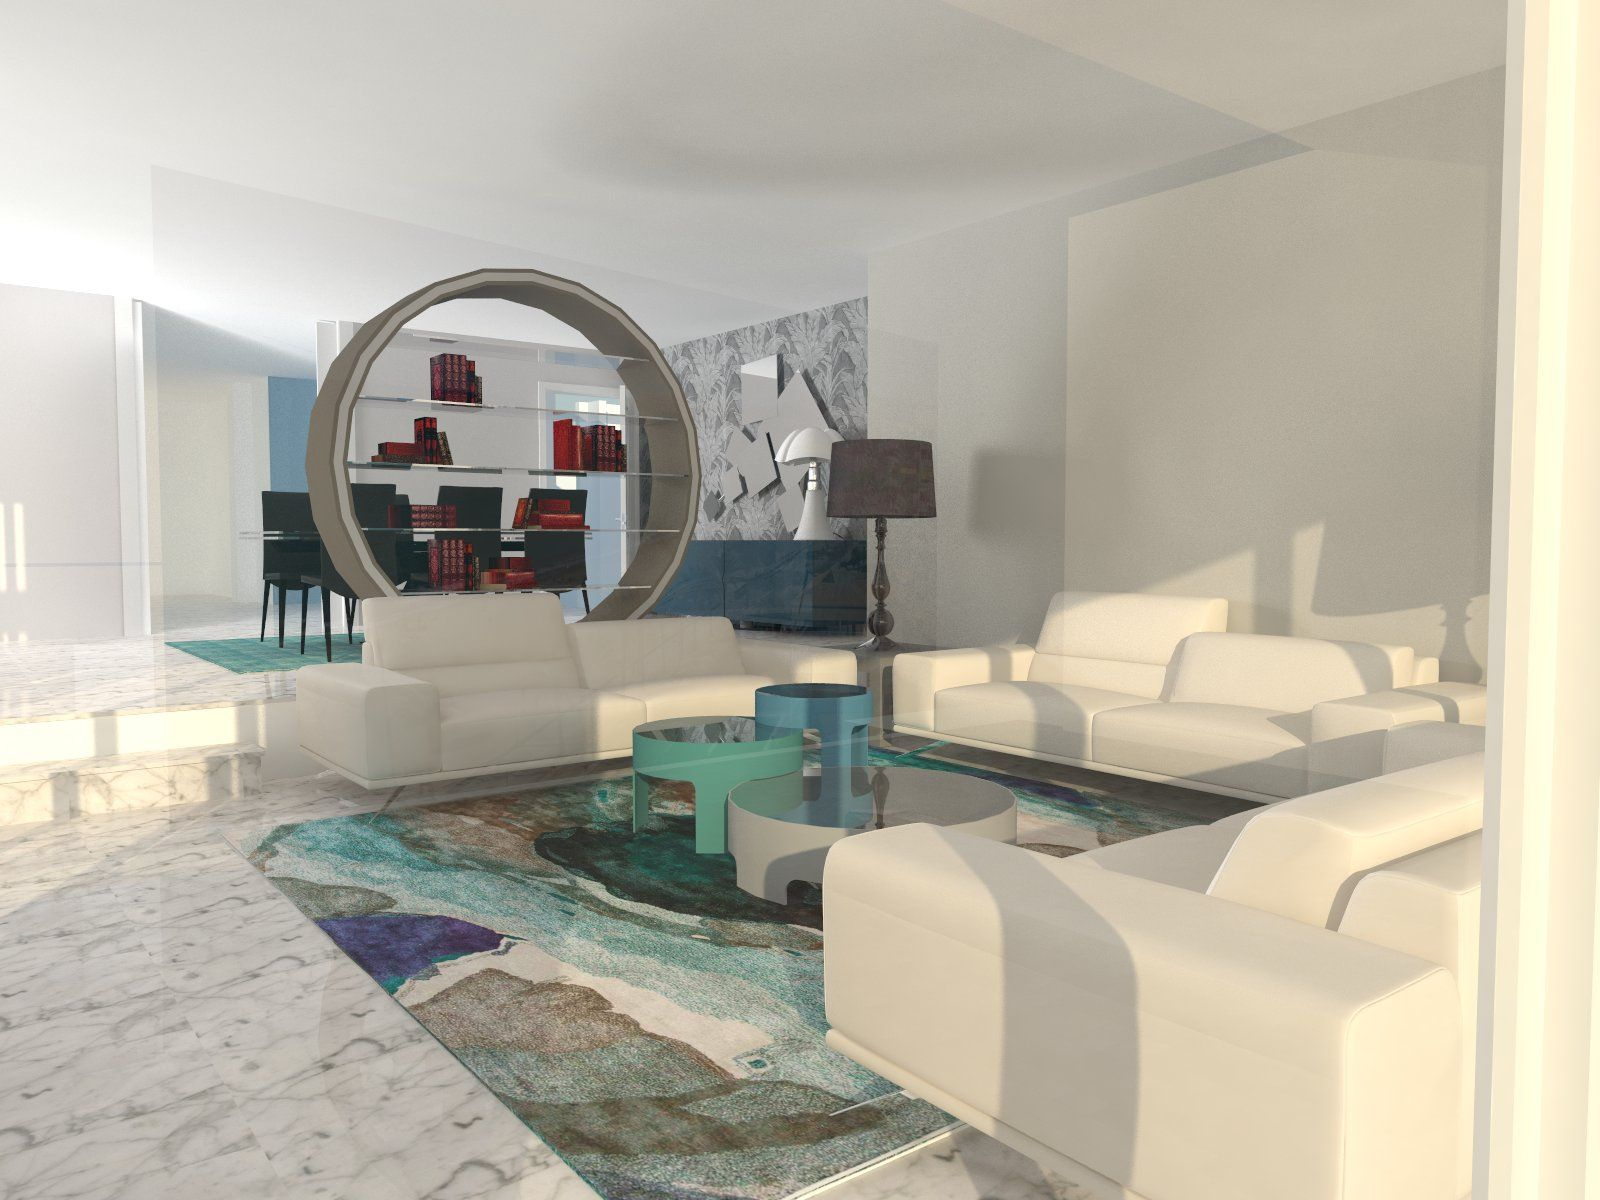 Biblioteca Omega Sofa Presence Mesas Cuba Libre | Projectos para ...